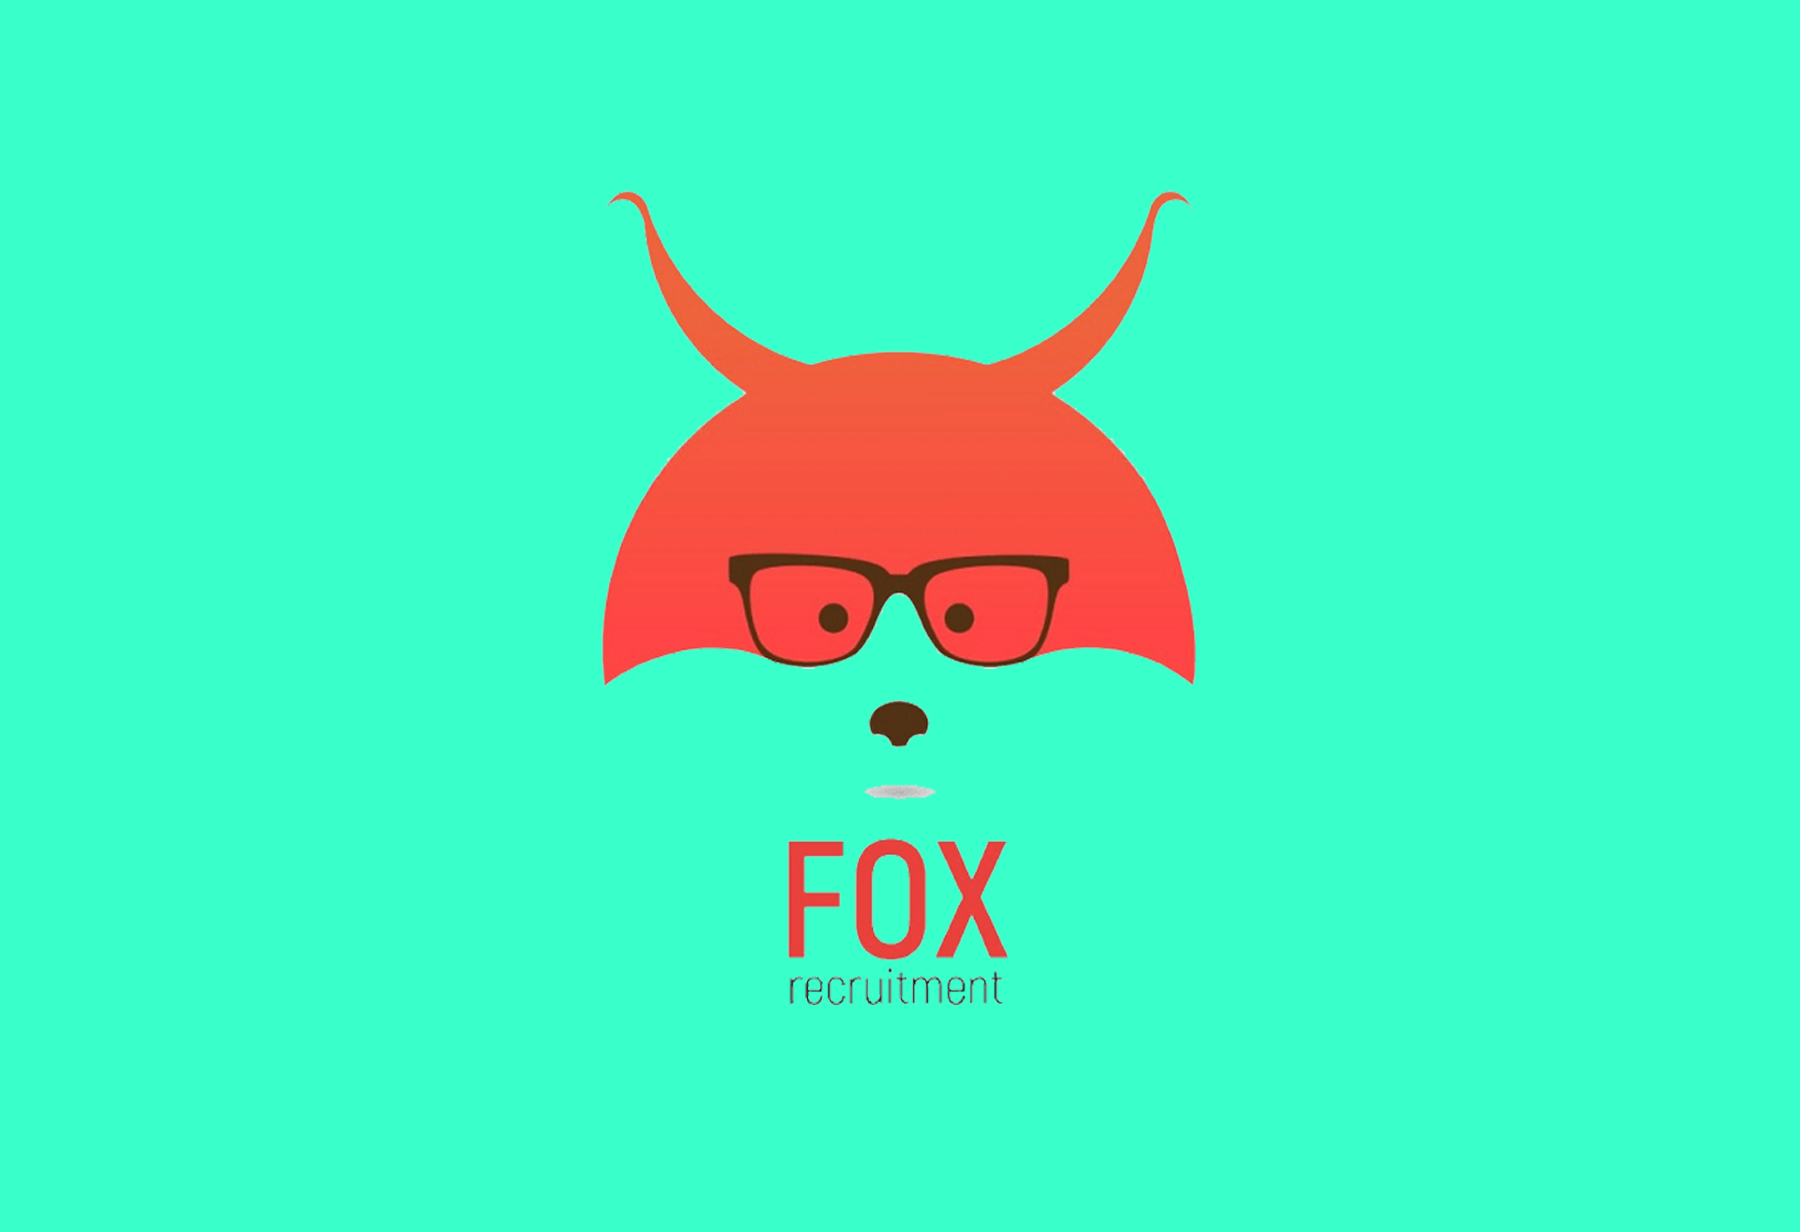 I will design a flat minimalist logo